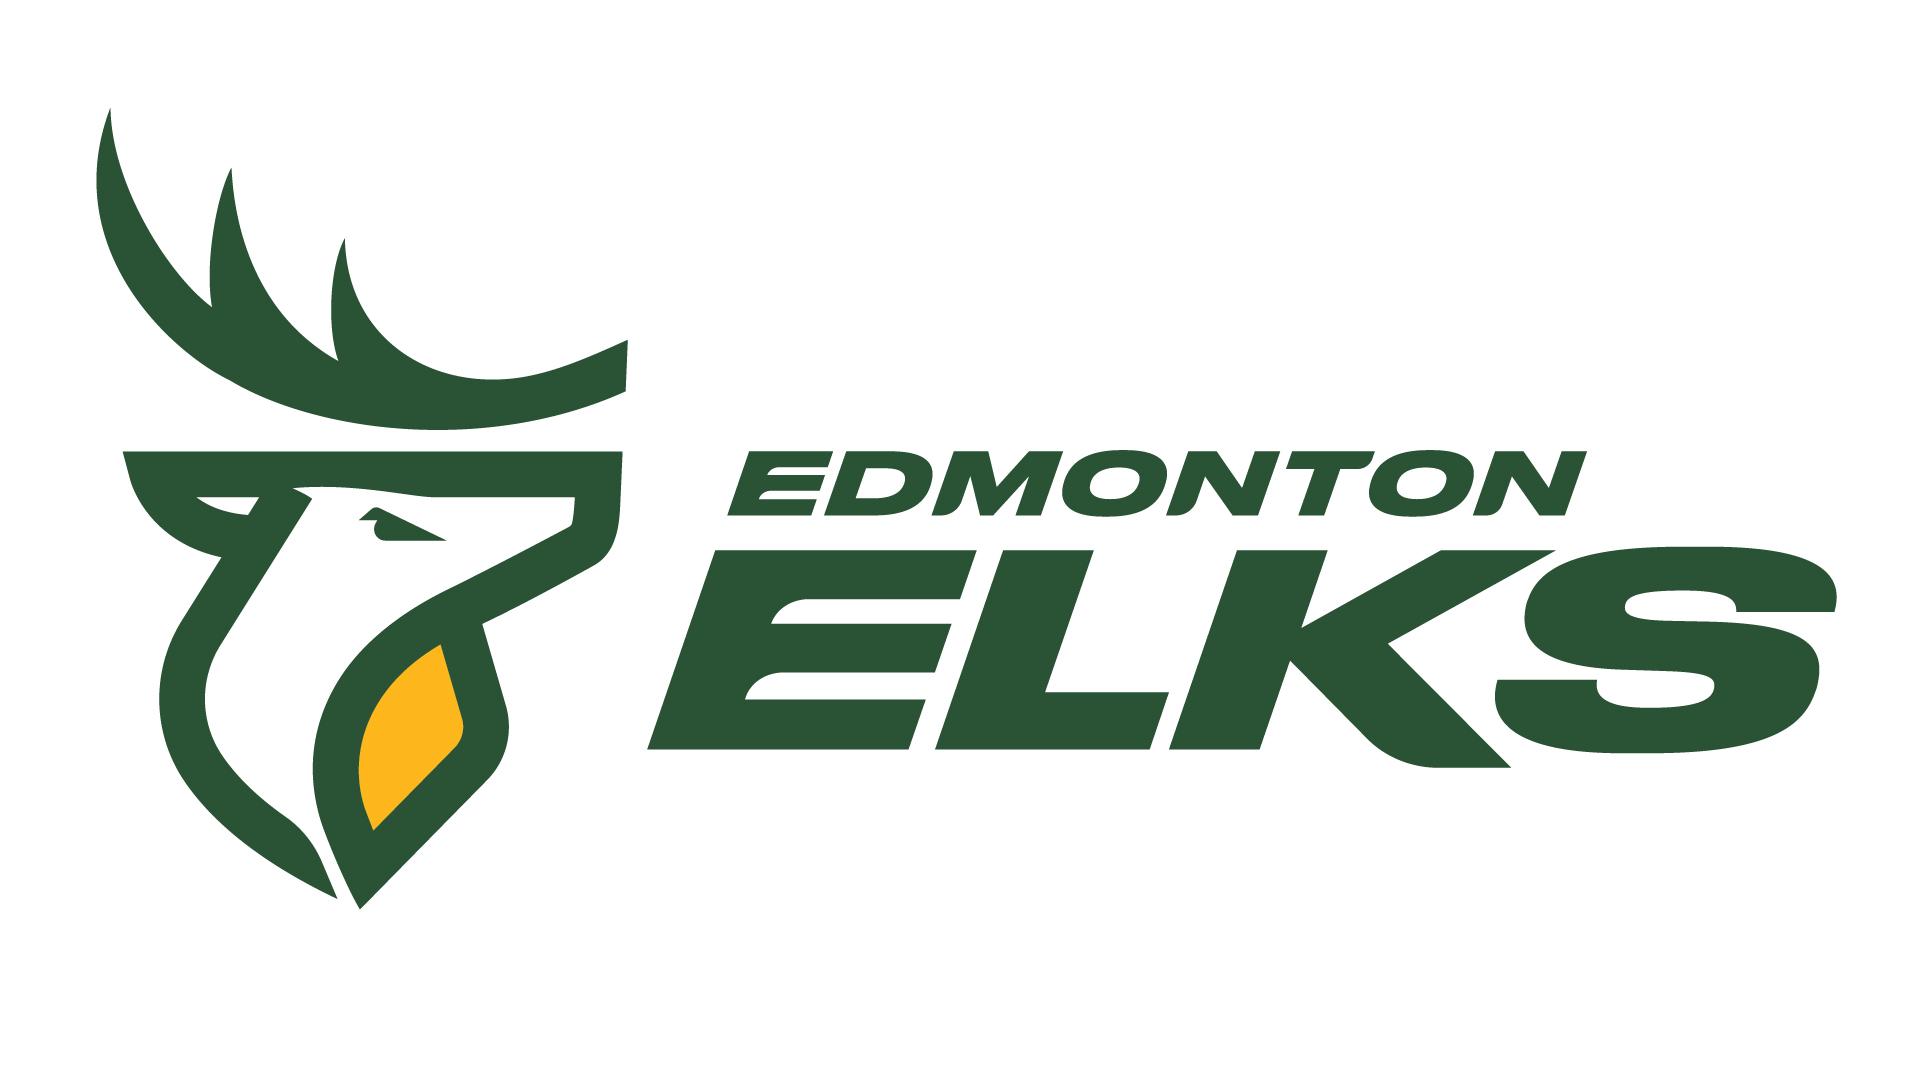 Bienvenue aux Elks d'Edmonton !